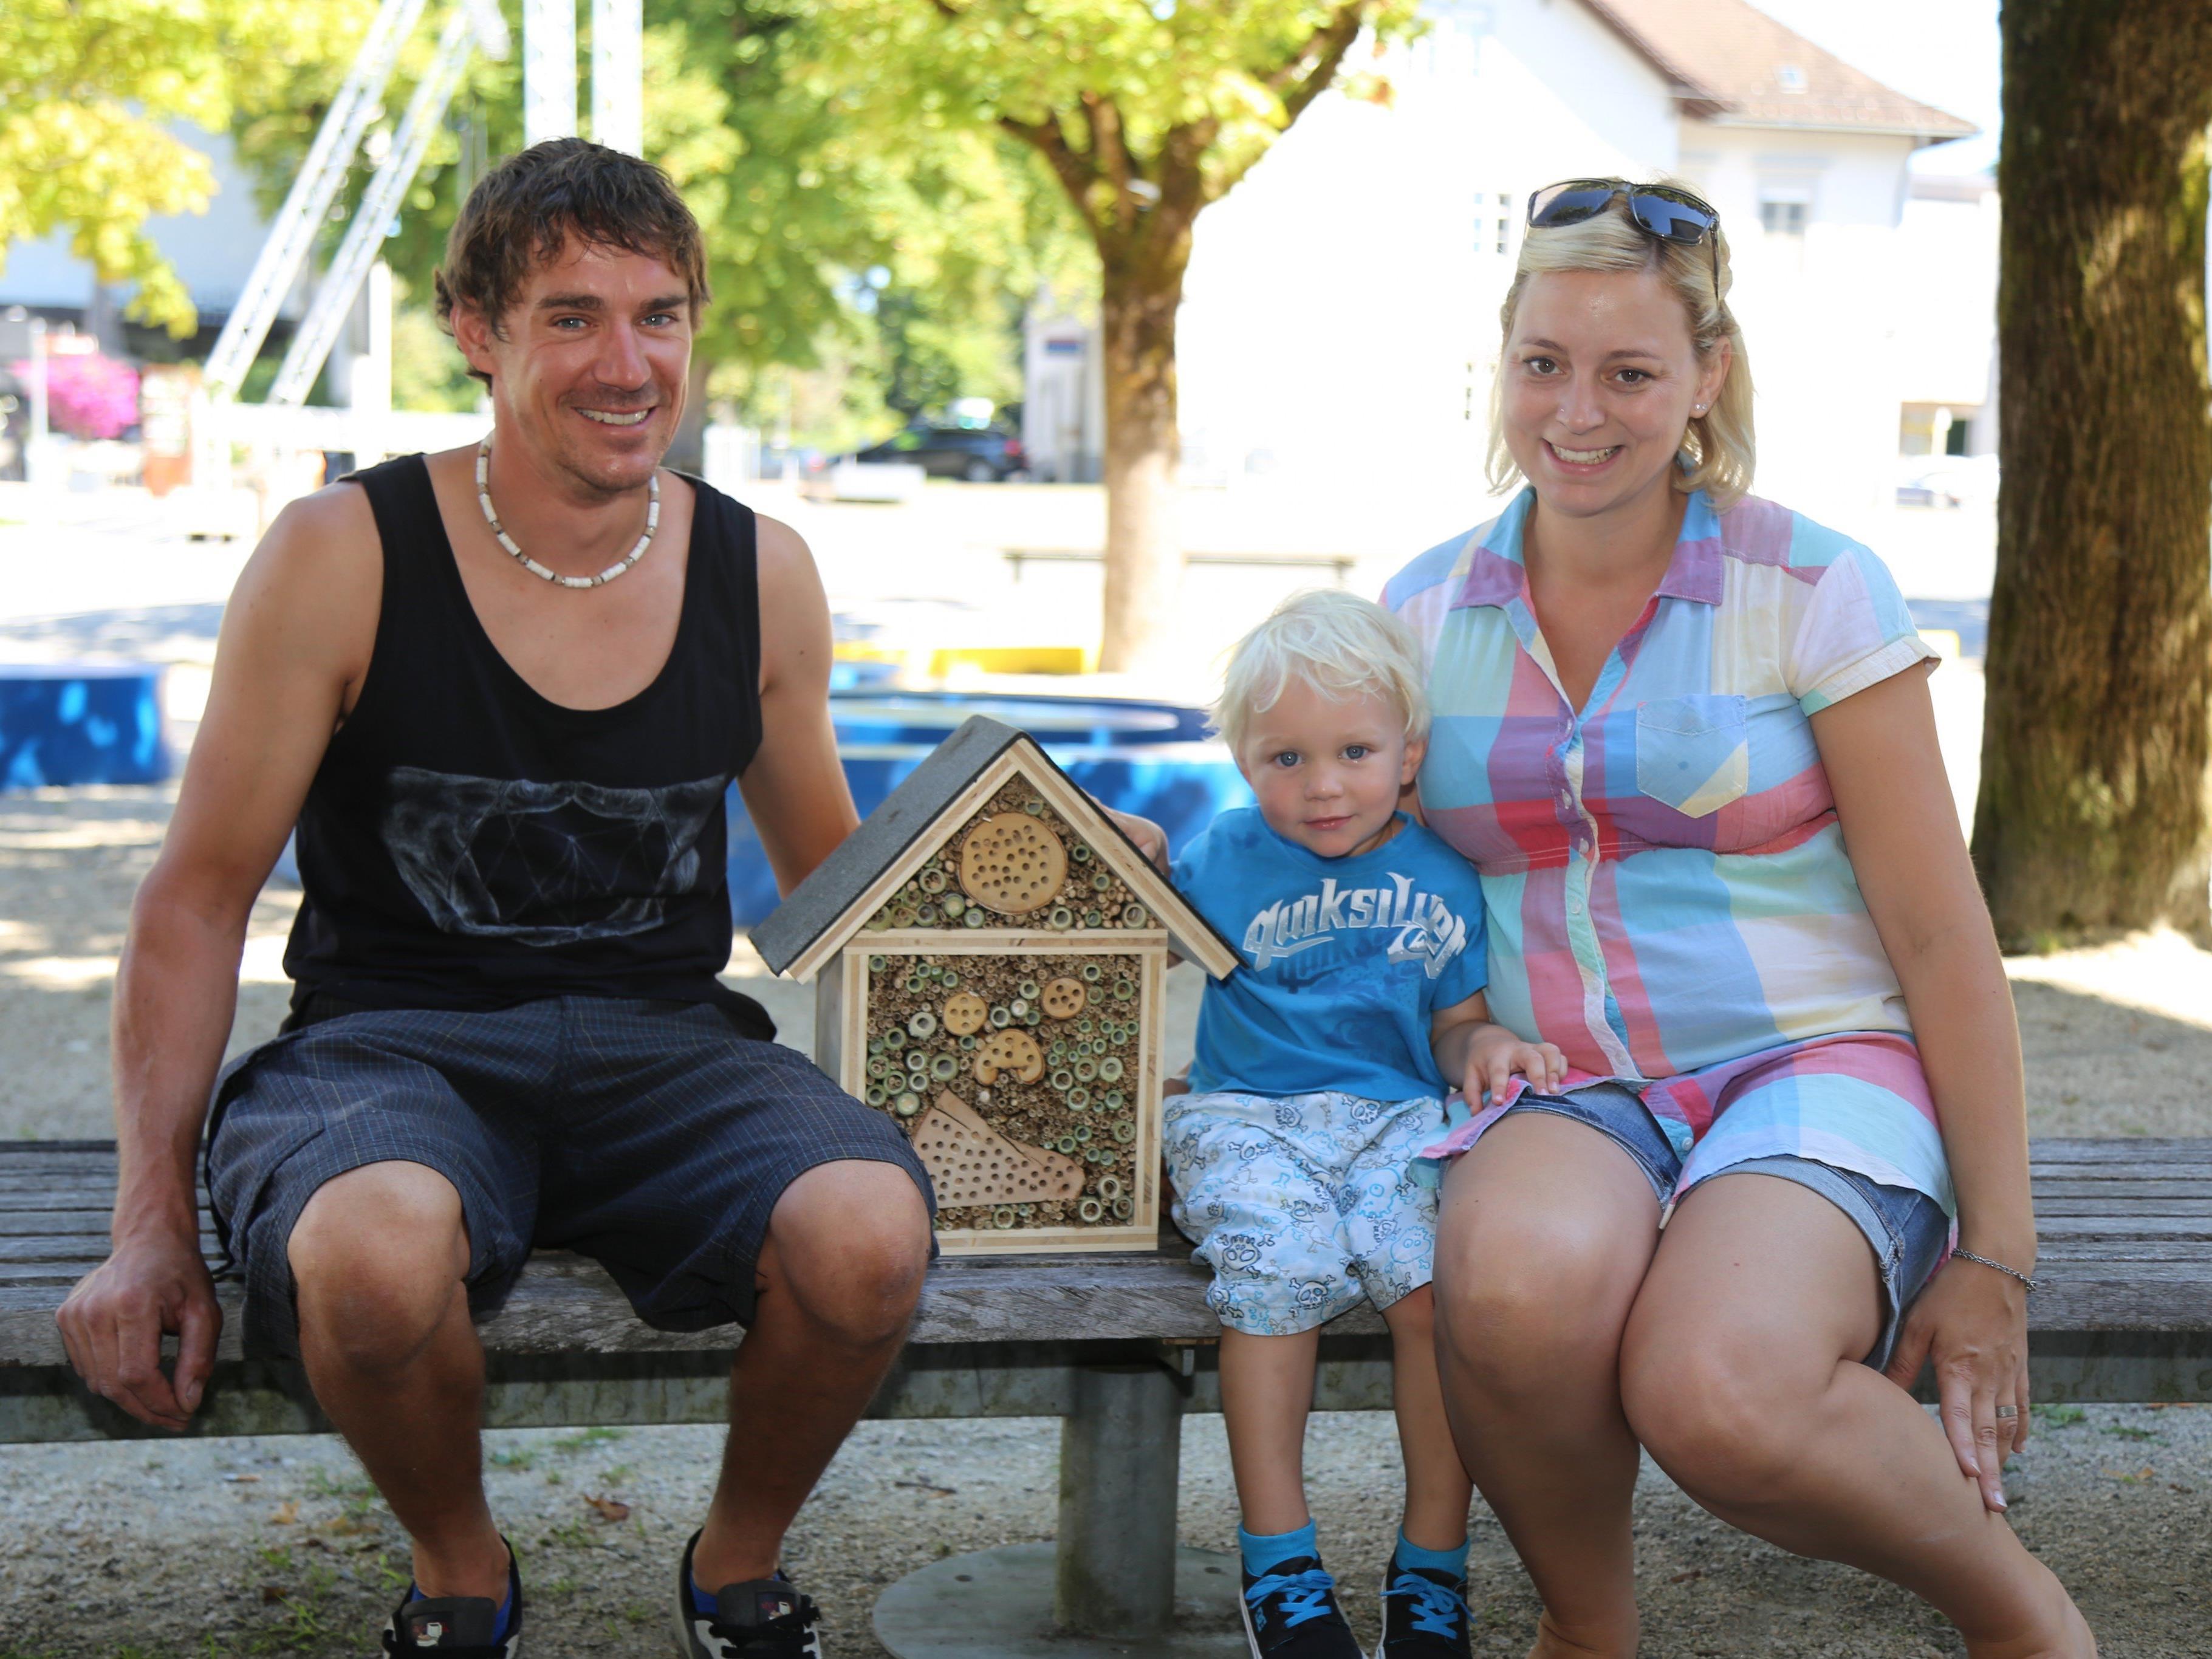 Jannis kam mit seinen Eltern zum Marktplatz Rankweil, um selbst ein Insektenhotel herzustellen.